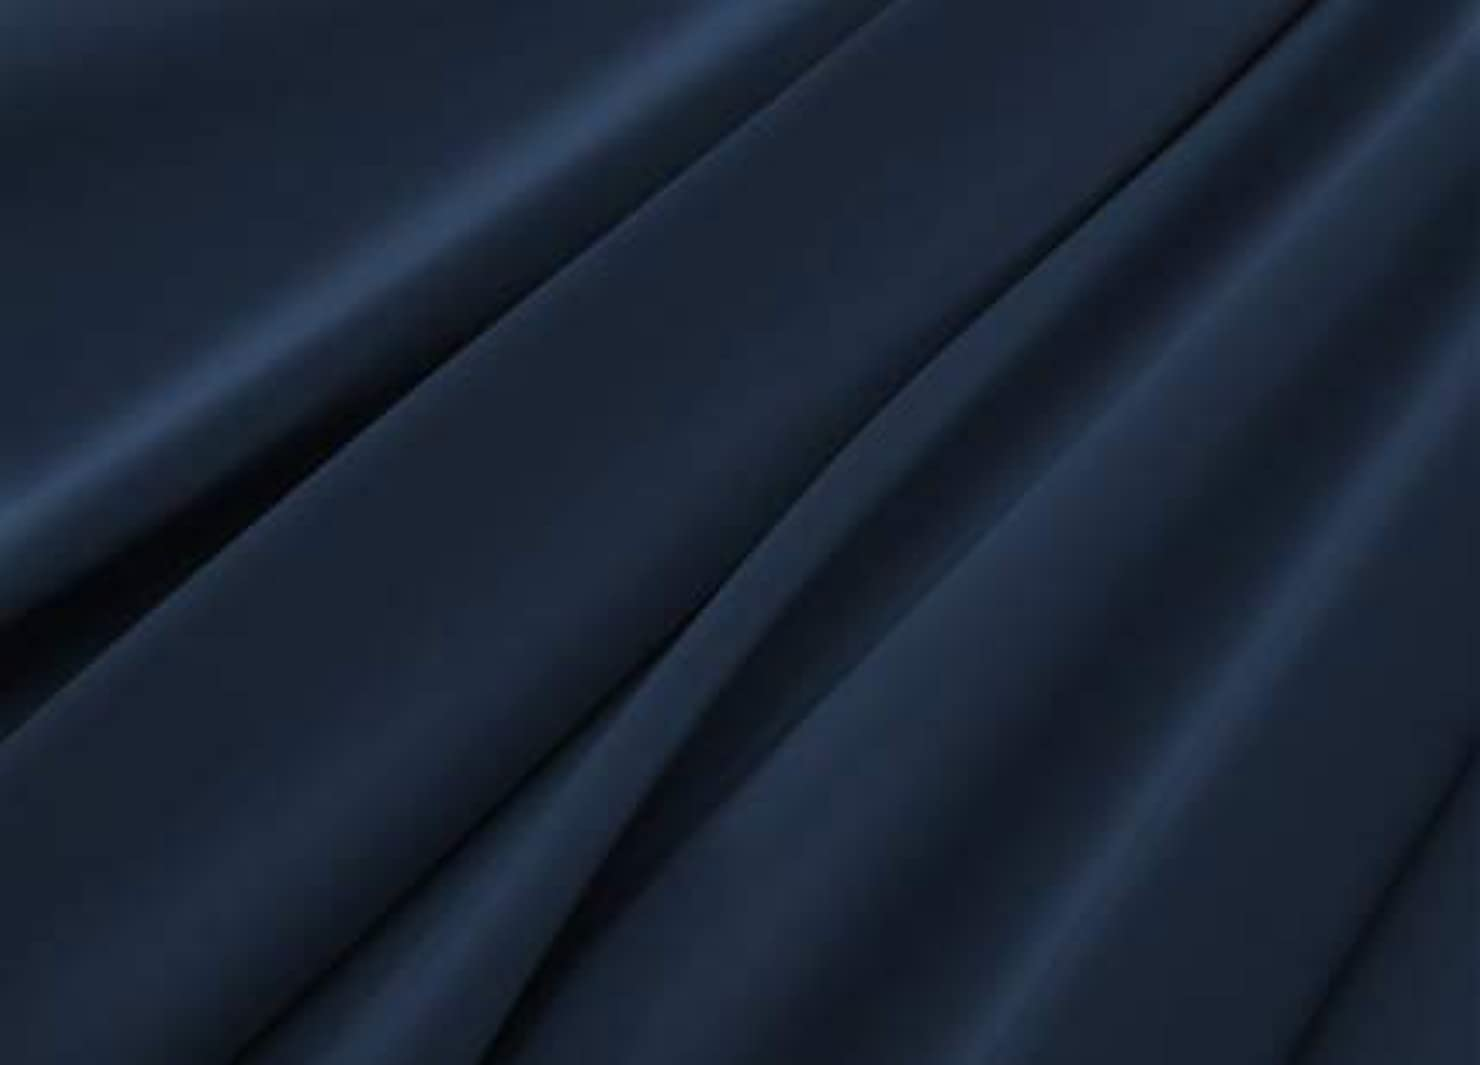 ワーカー環境保護主義者エージェントR.T. Home - エジプト高級超長綿ホテル品質 掛け布団カバー スーパー ロング サイズ190x230CM 掛け布団カバー (掛け布団カバー 190 230) 500スレッドカウント サテン織り ミッドナイト ネイビー 190 * 230CM